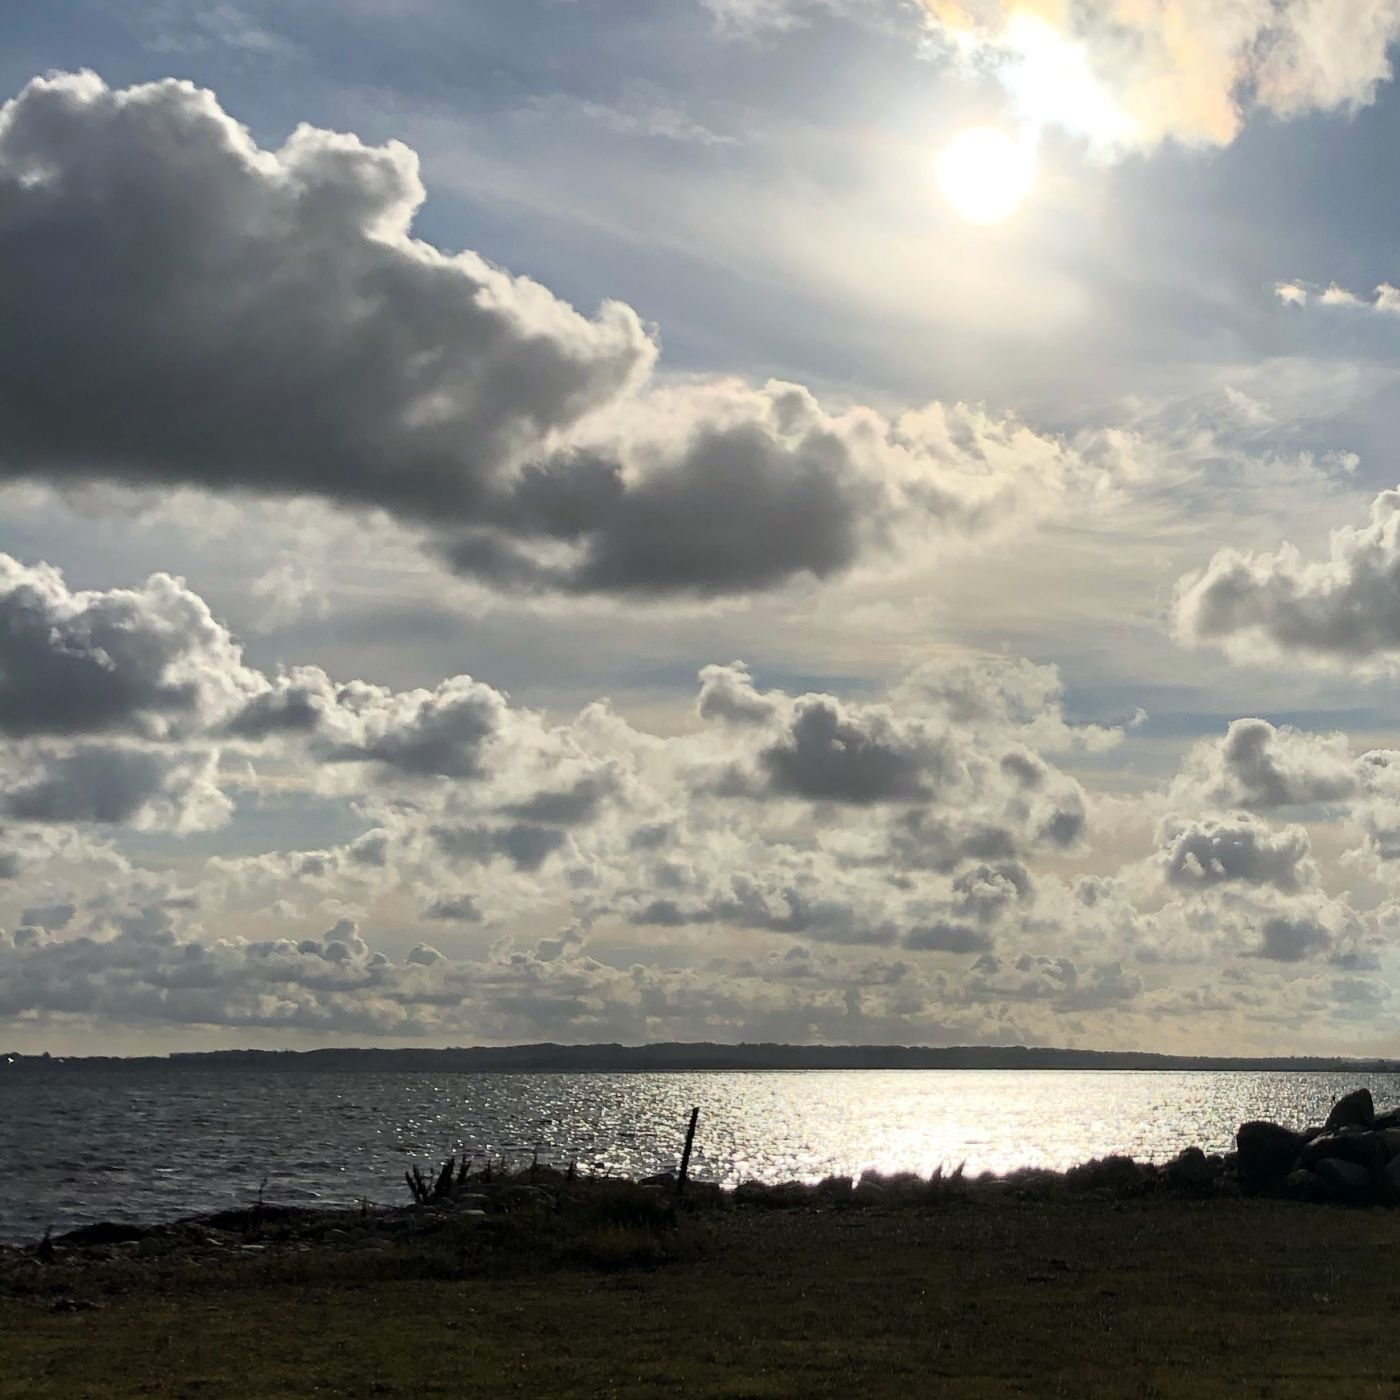 Gjøl havn og Gjøl dæmning, Denmark